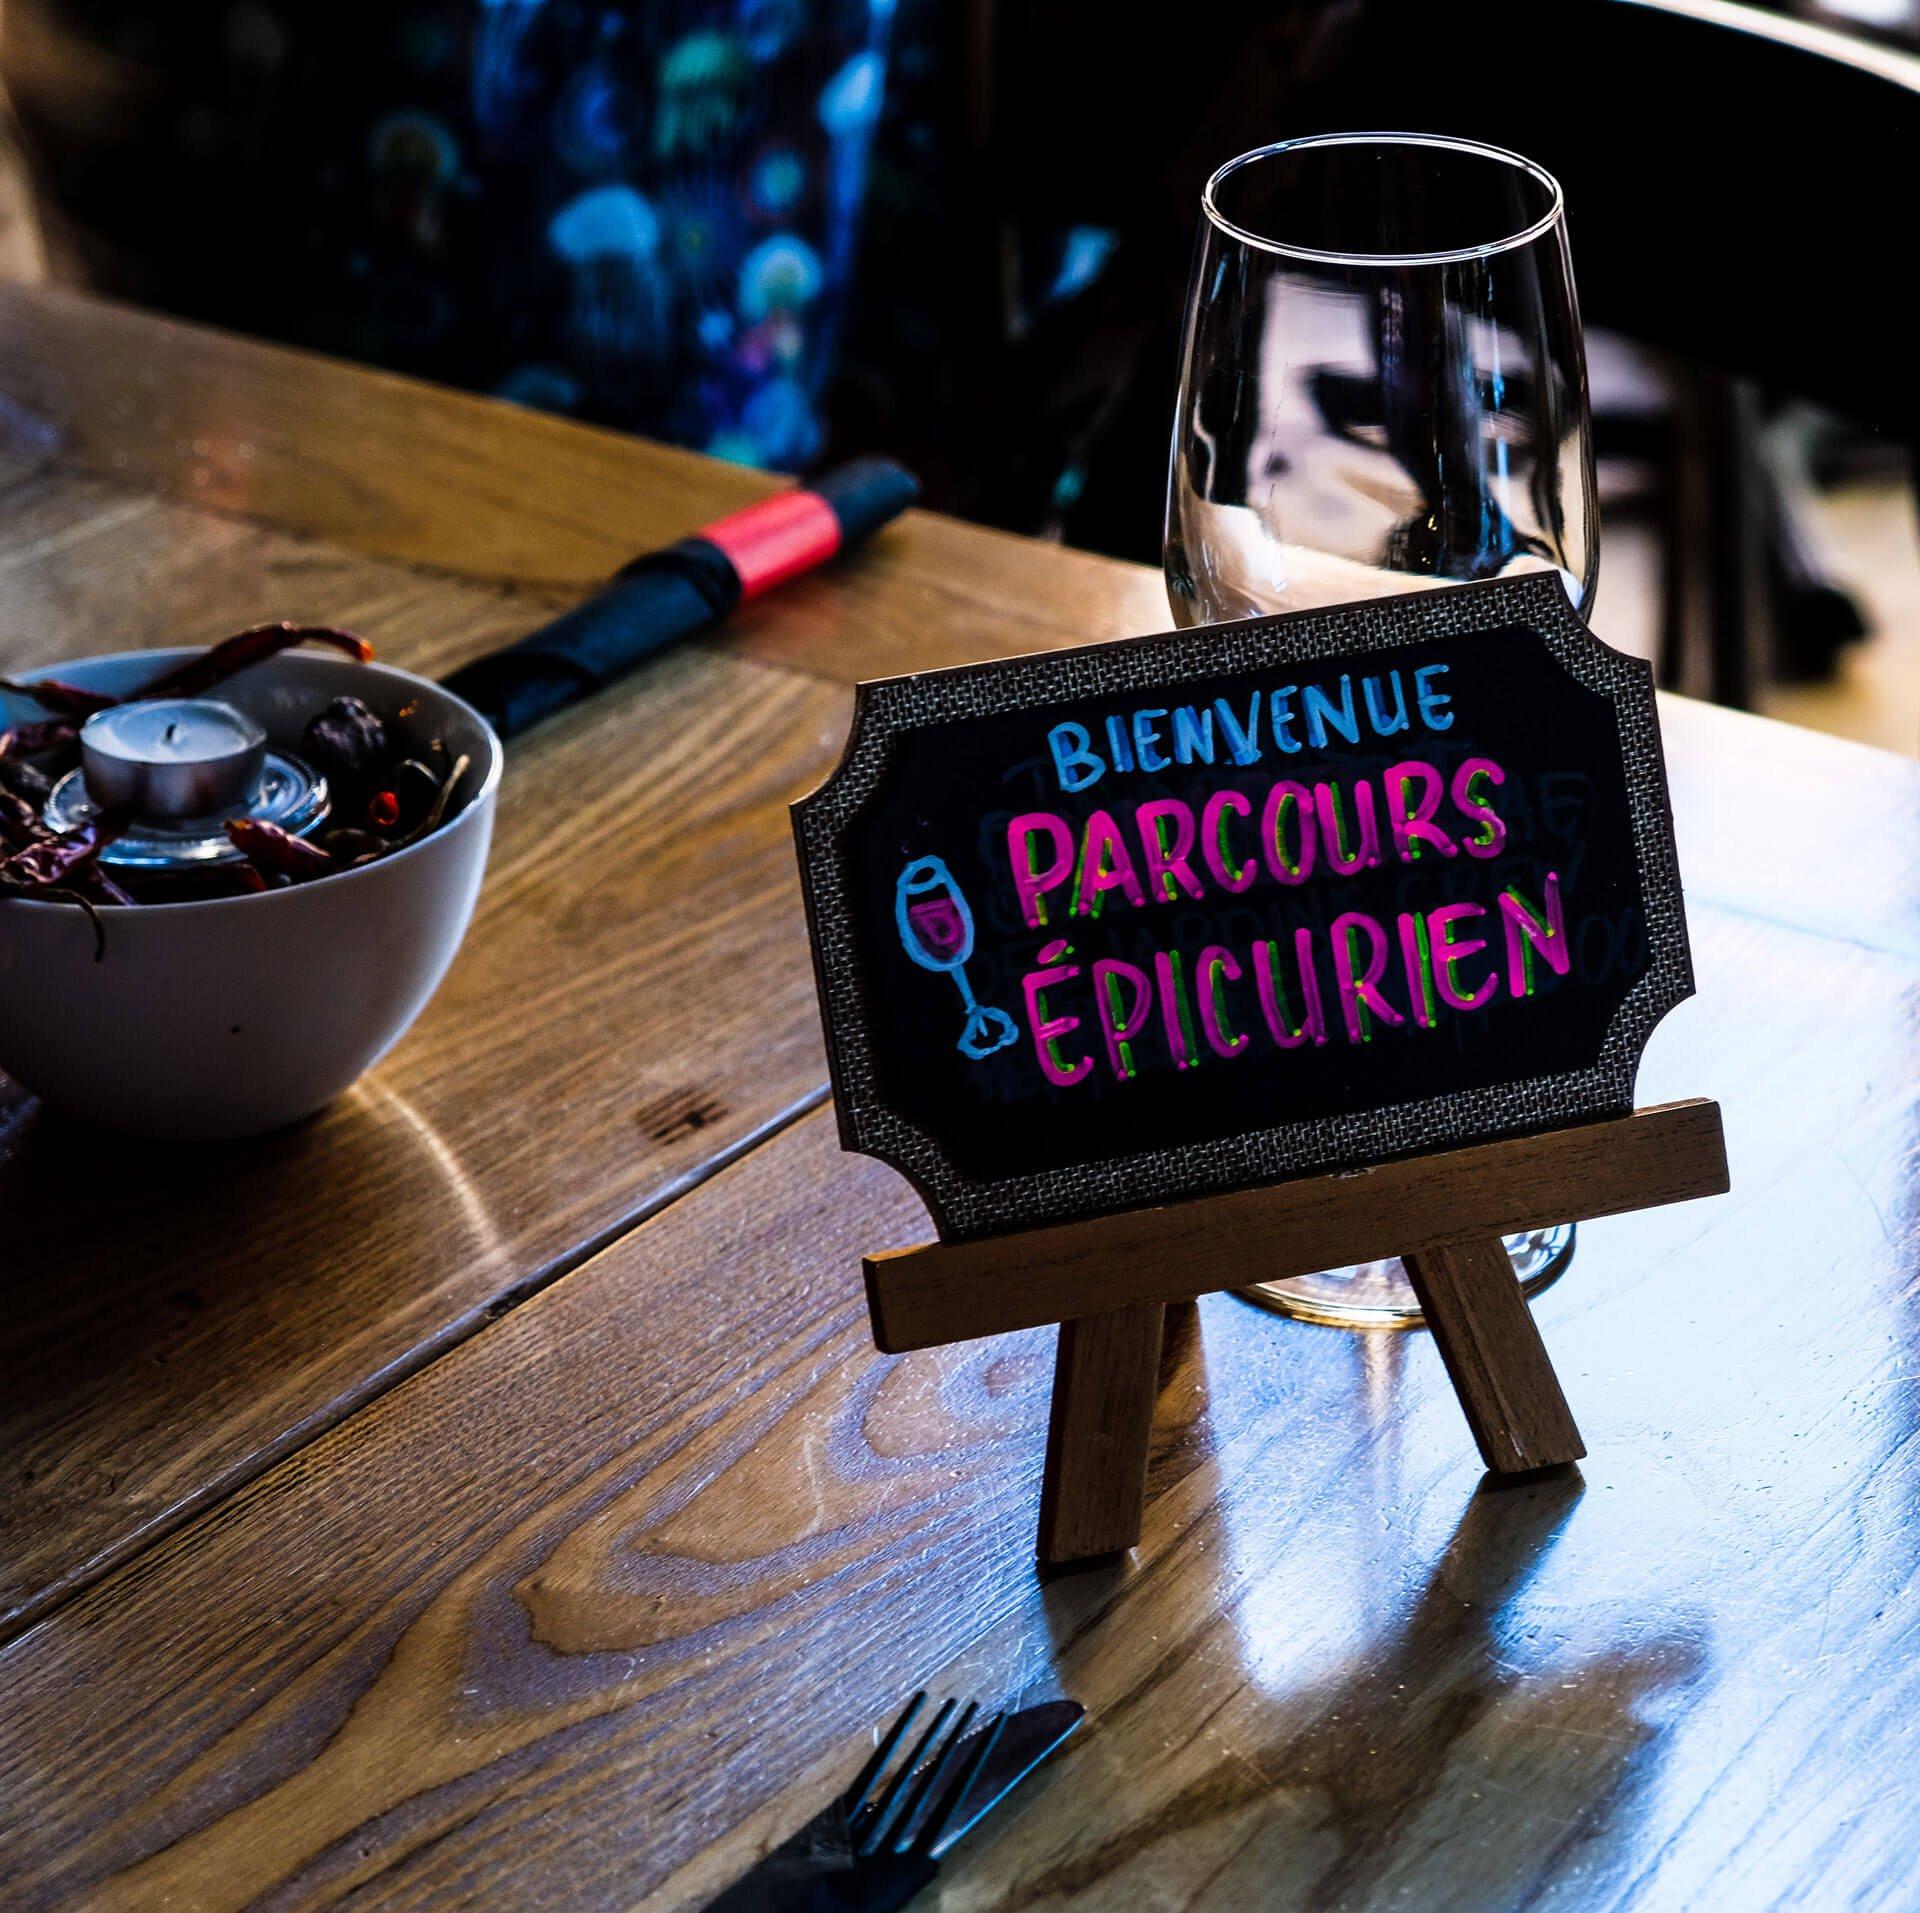 Parcours Épicuriens: Saint-Henri en 8 arrêts gourmands